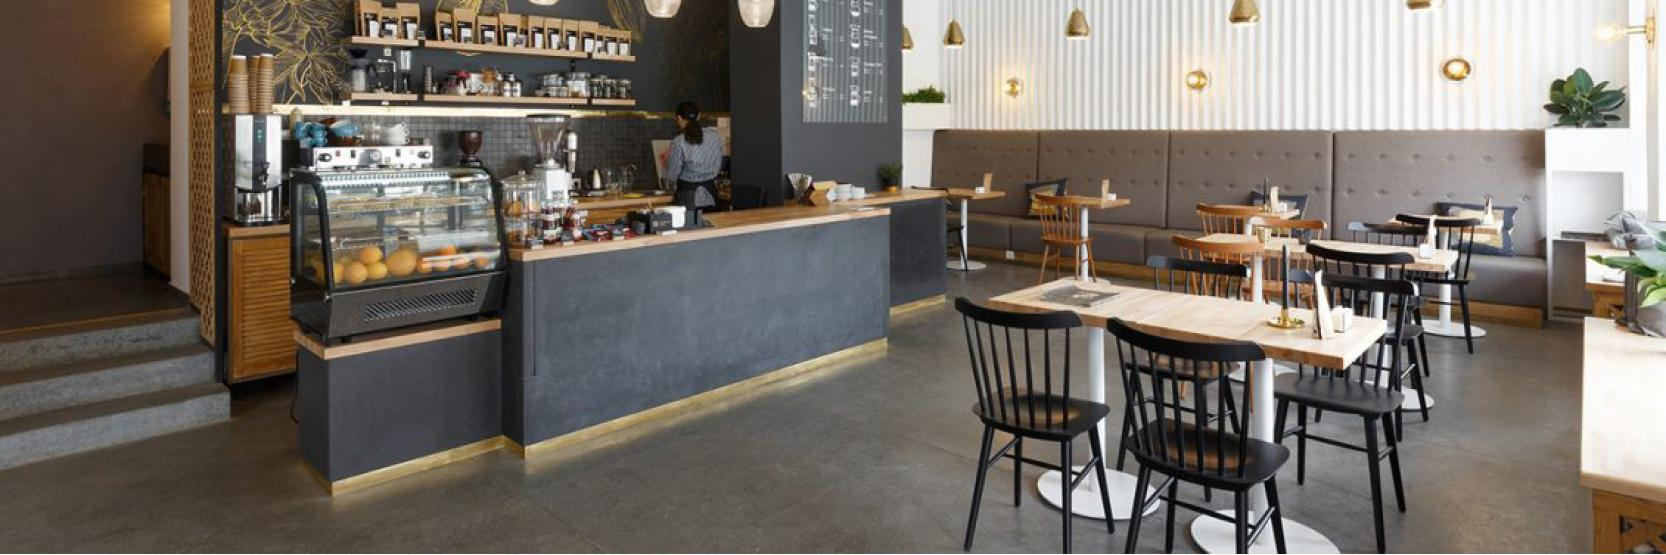 ما هو إتيكيت الجلوس في المقاهي ؟